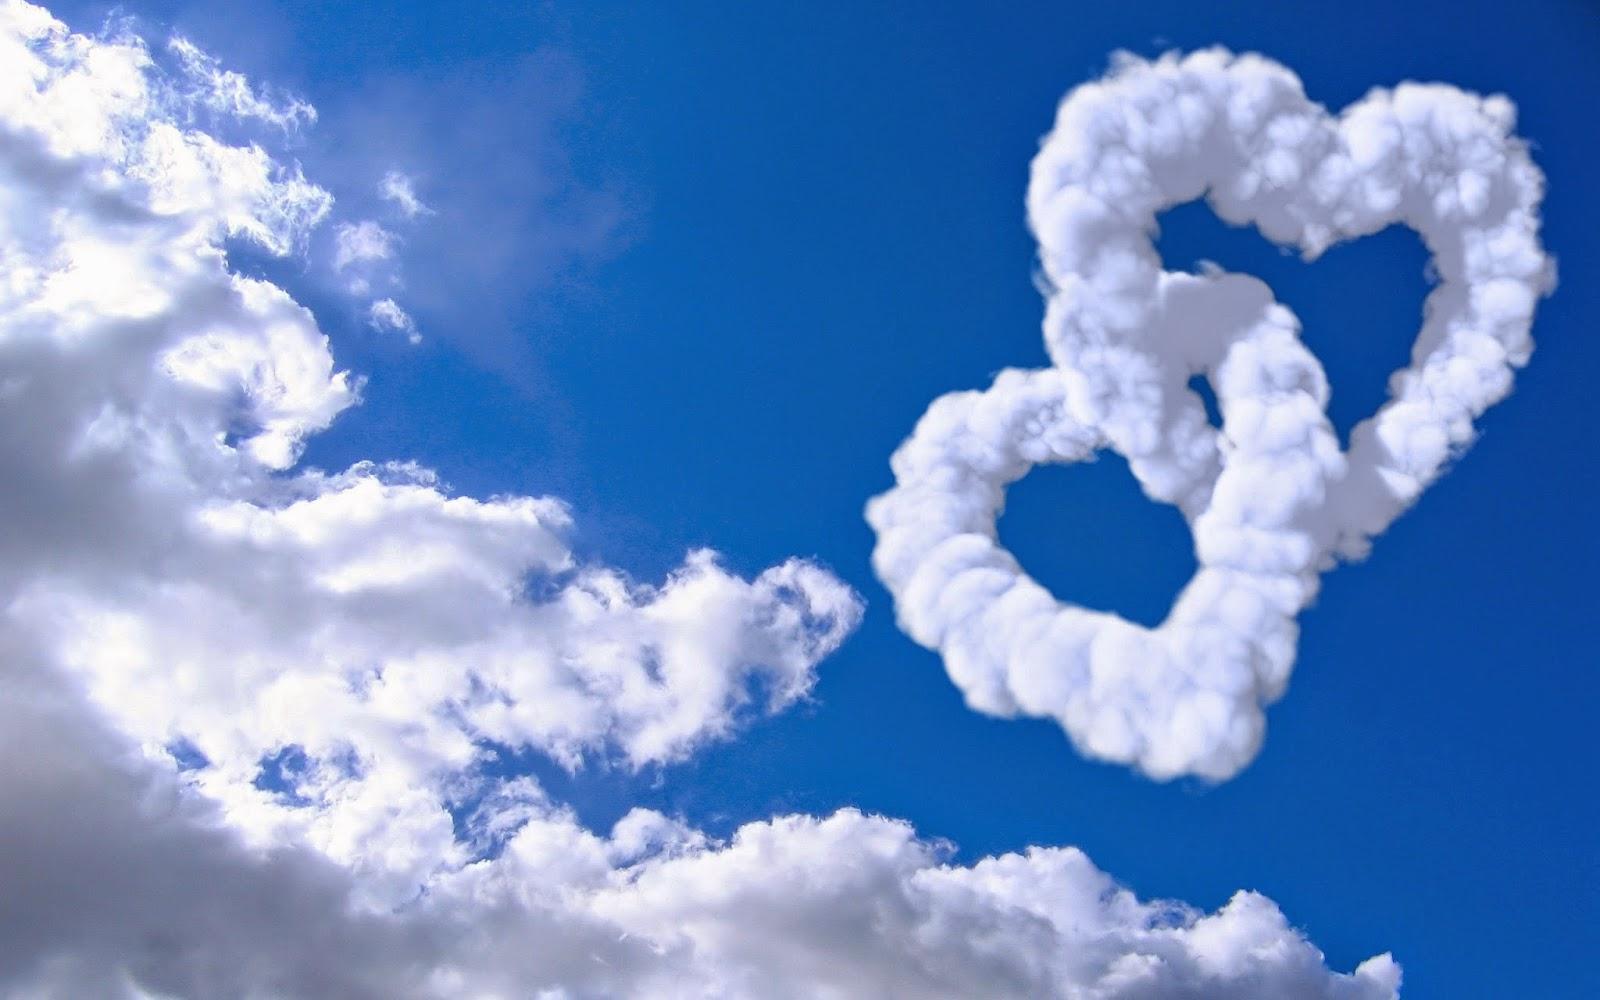 Frases de amor con imagenes para descargar - fotos indas con mensajes lindos